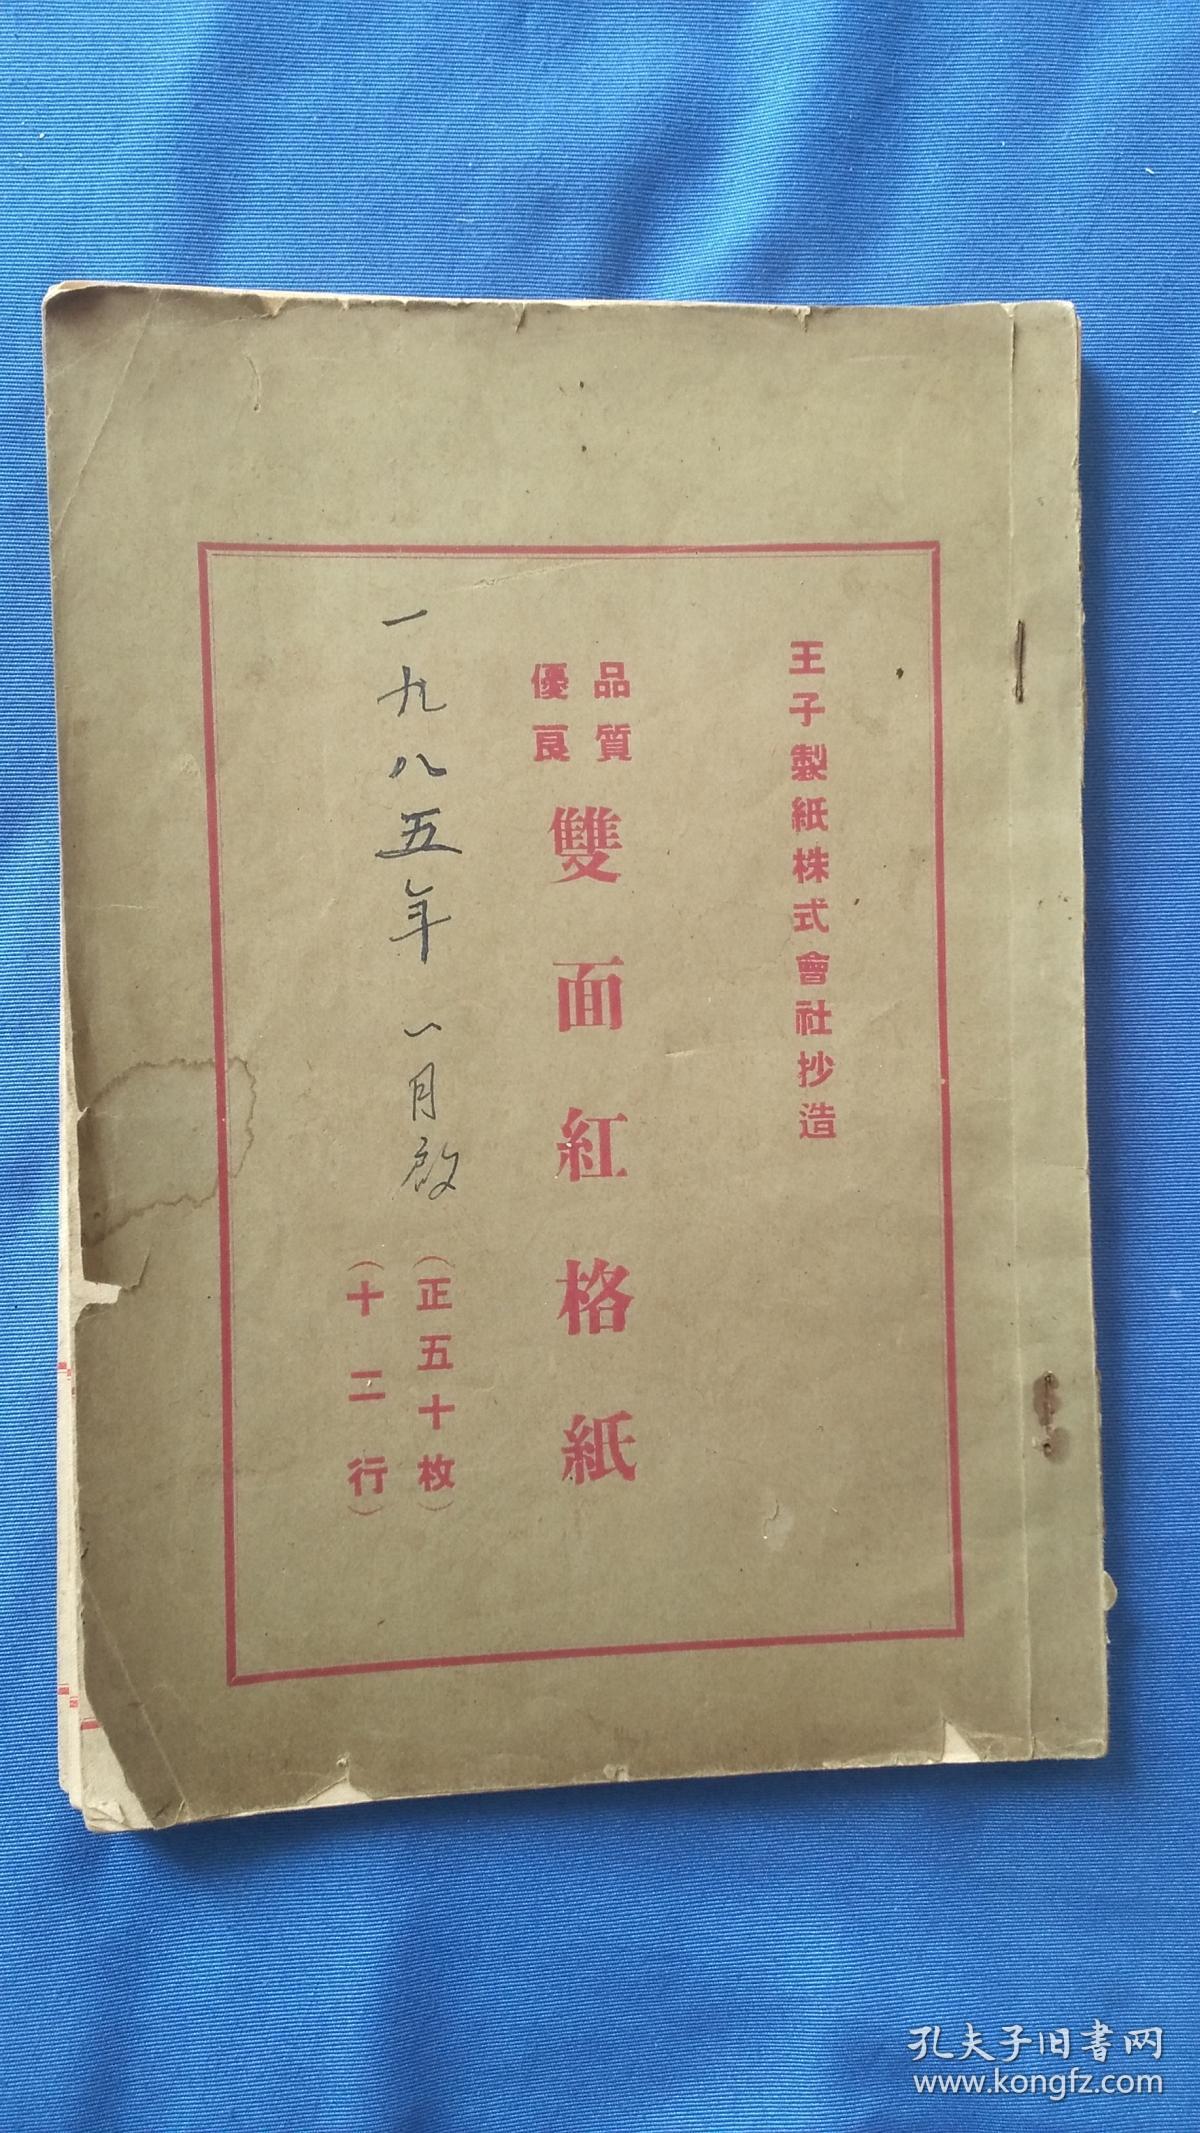 双面红格纸 王子制纸株式会社抄造